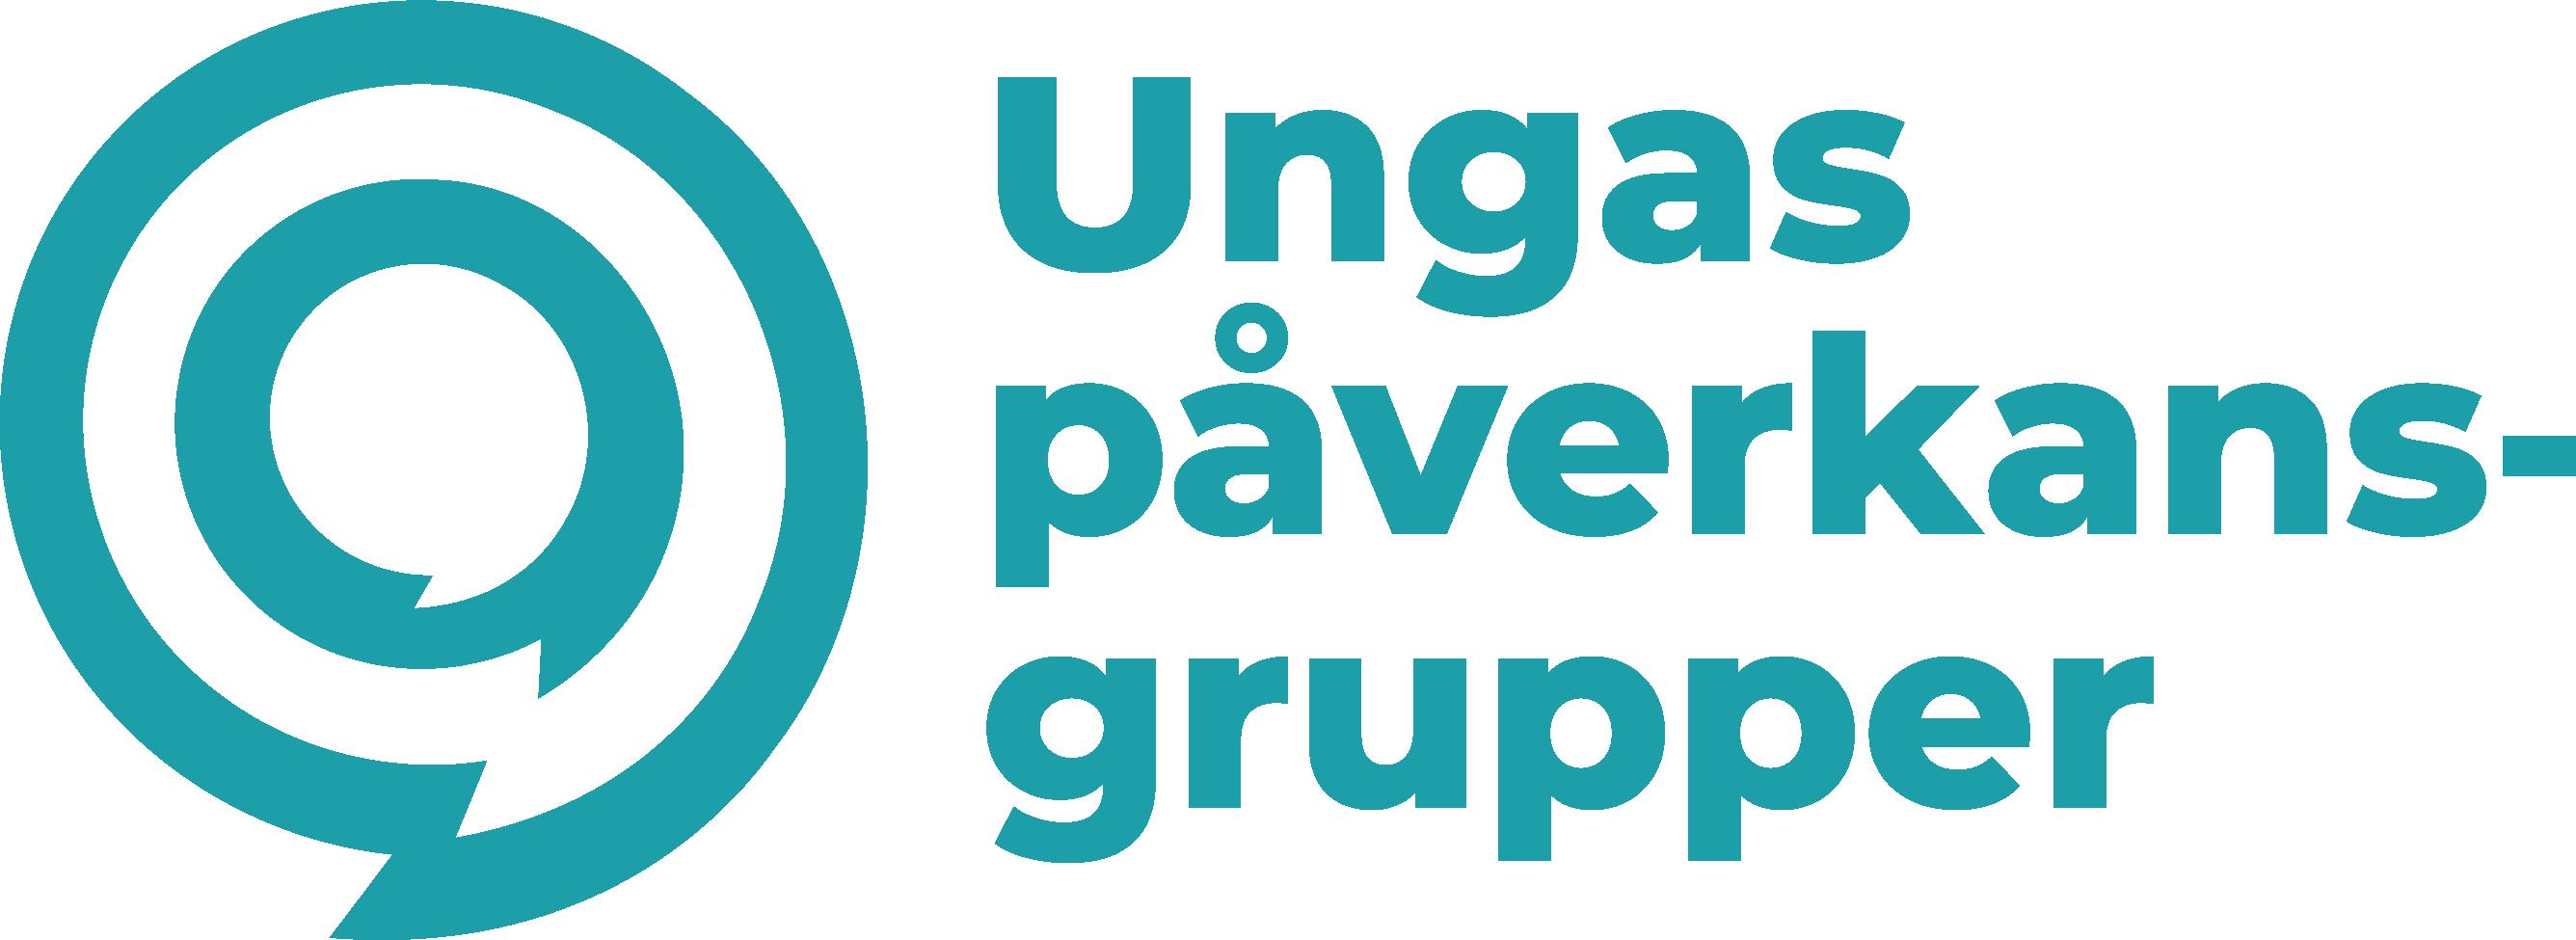 Logo för ungas påverkansgrupper.